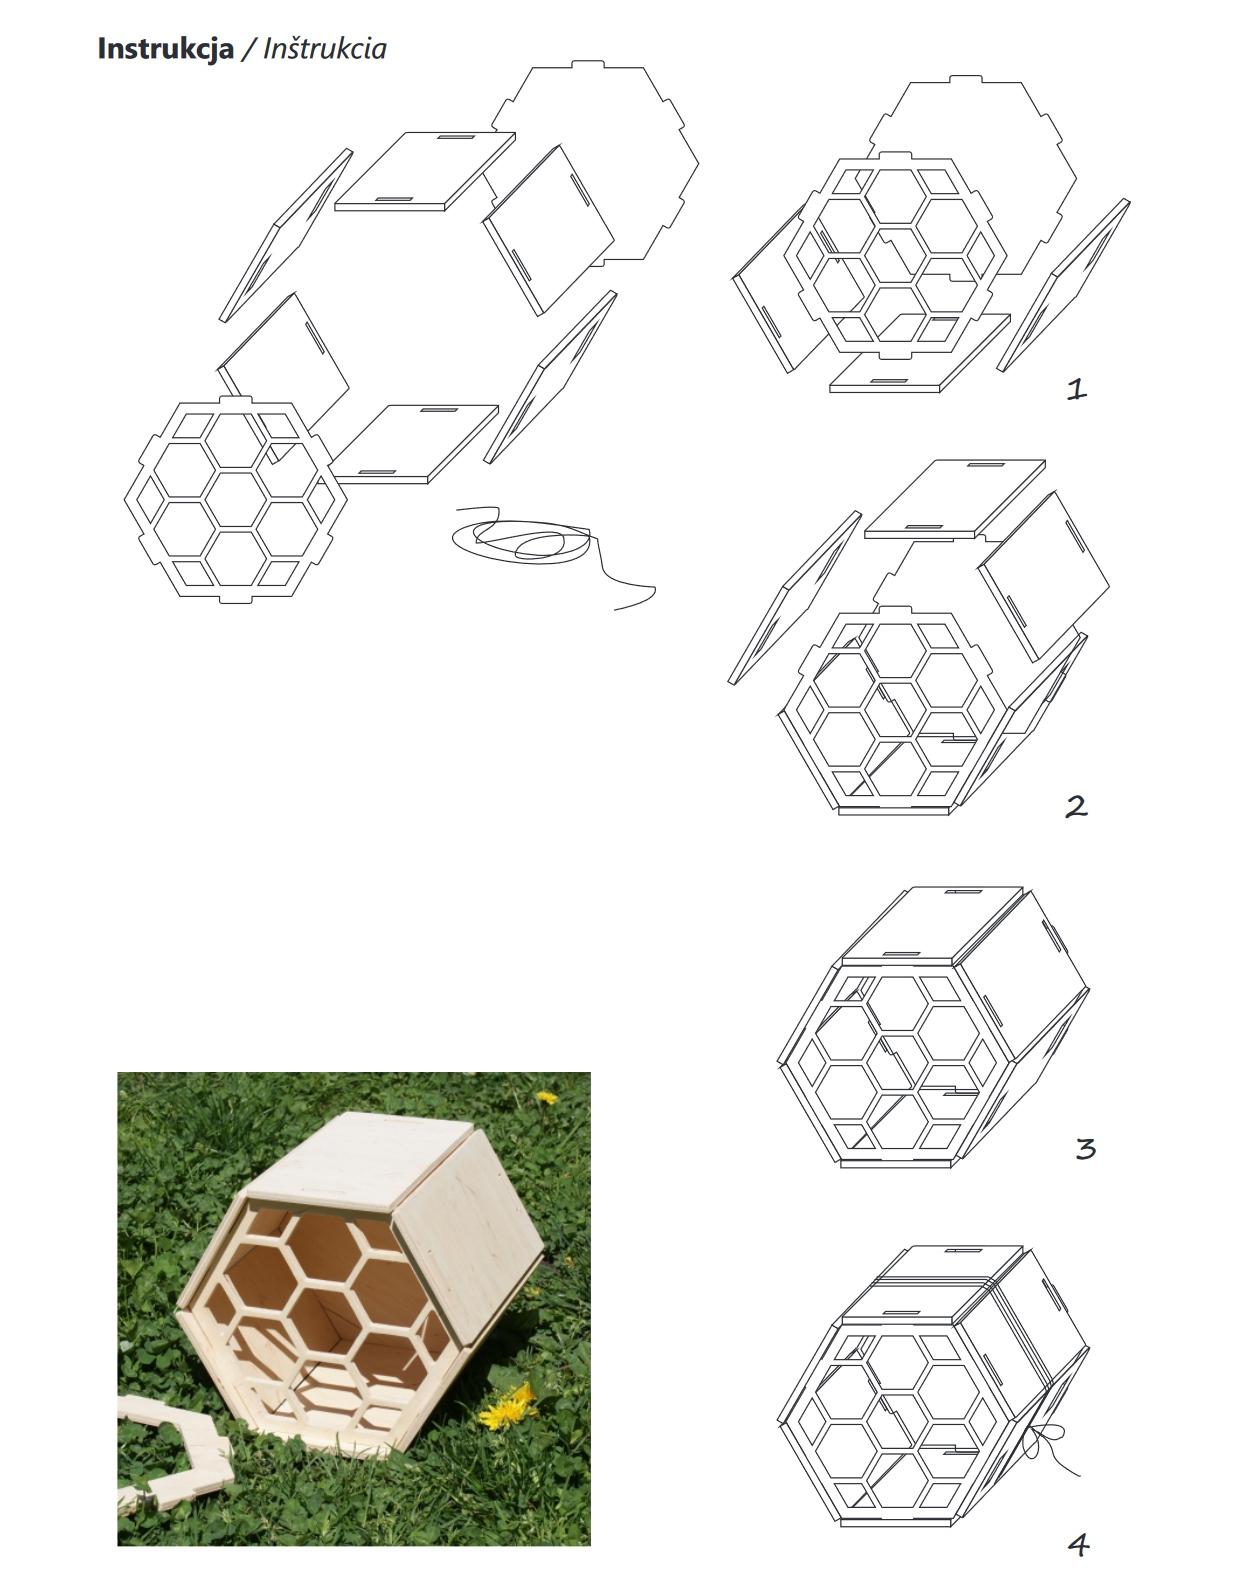 Konspekt – Budowa hotelu dla dzikich pszczół